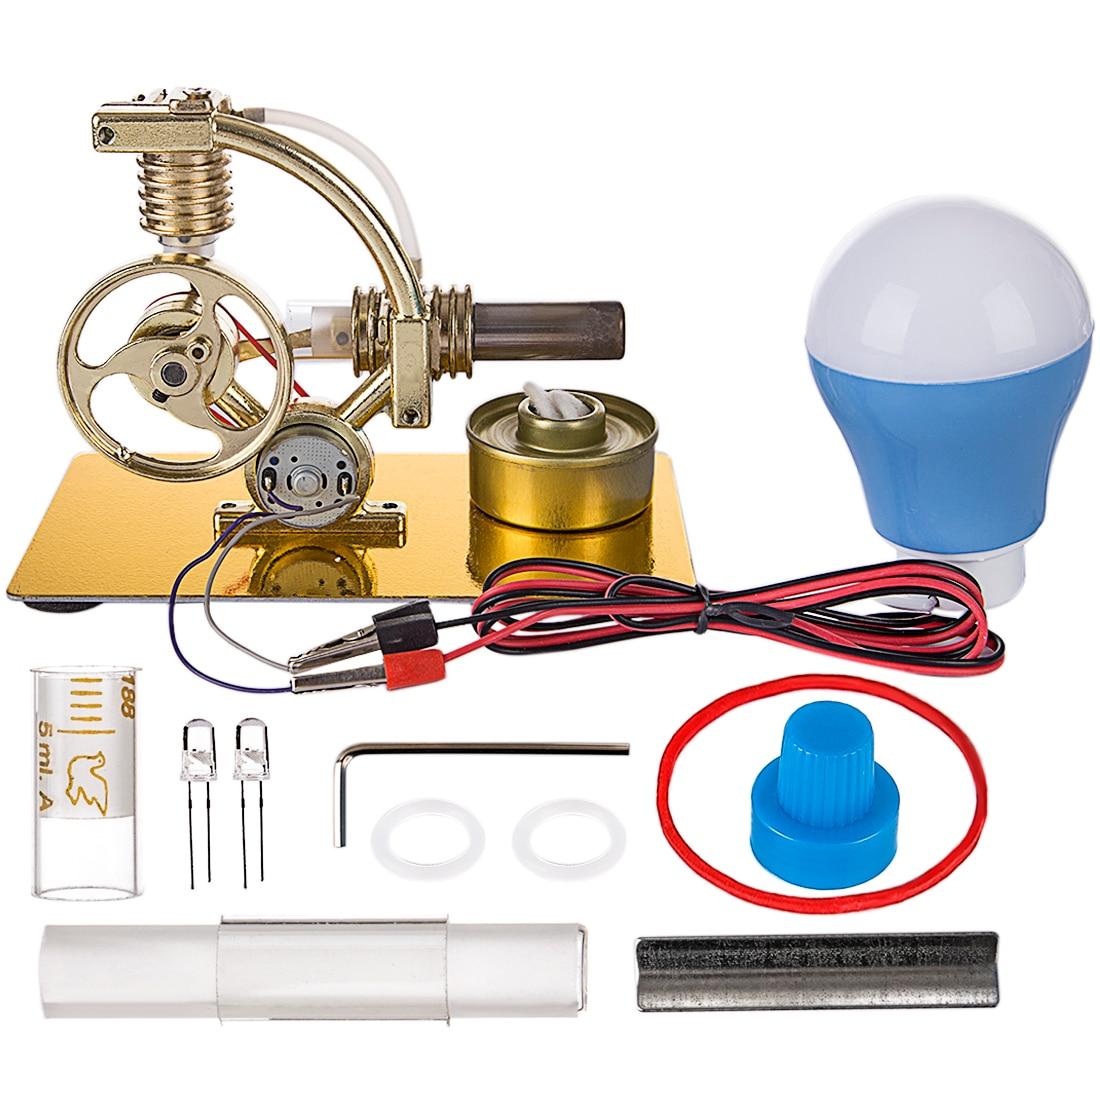 L-Shape Single Cylinder Stirling Engine Model +All-metal Base Big Bulb (Color Random) Model Building Kits School DemonstrationL-Shape Single Cylinder Stirling Engine Model +All-metal Base Big Bulb (Color Random) Model Building Kits School Demonstration